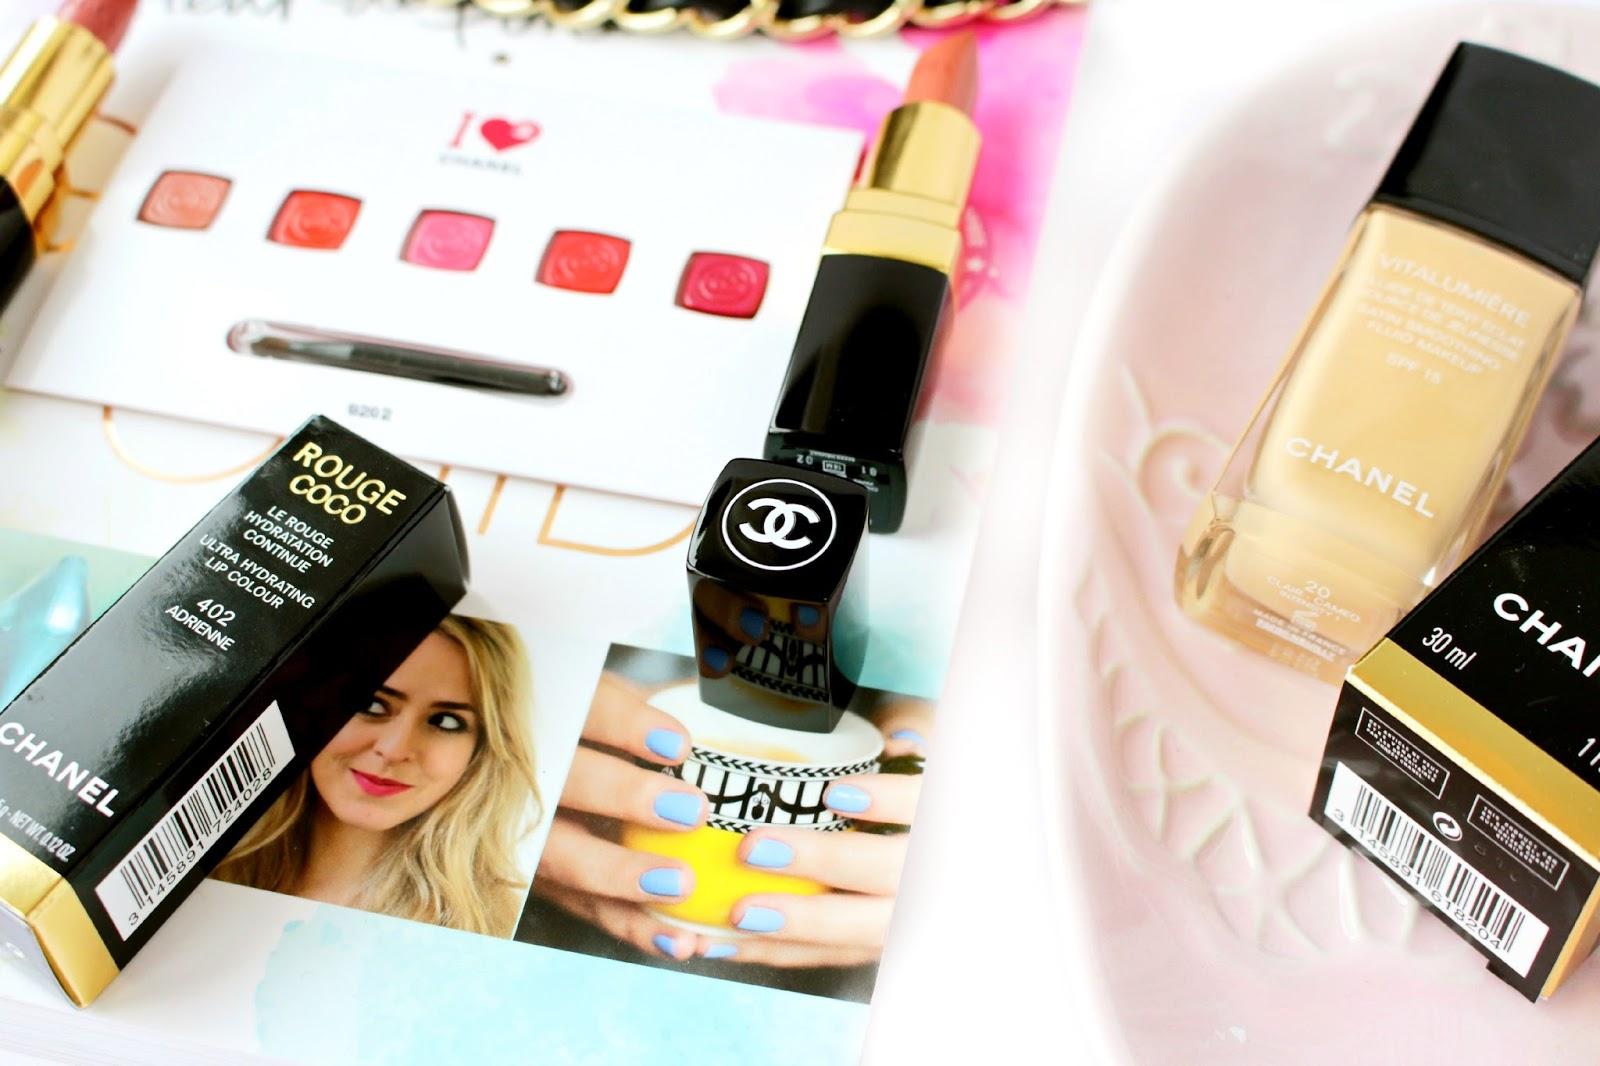 Chanel Beauty Haul